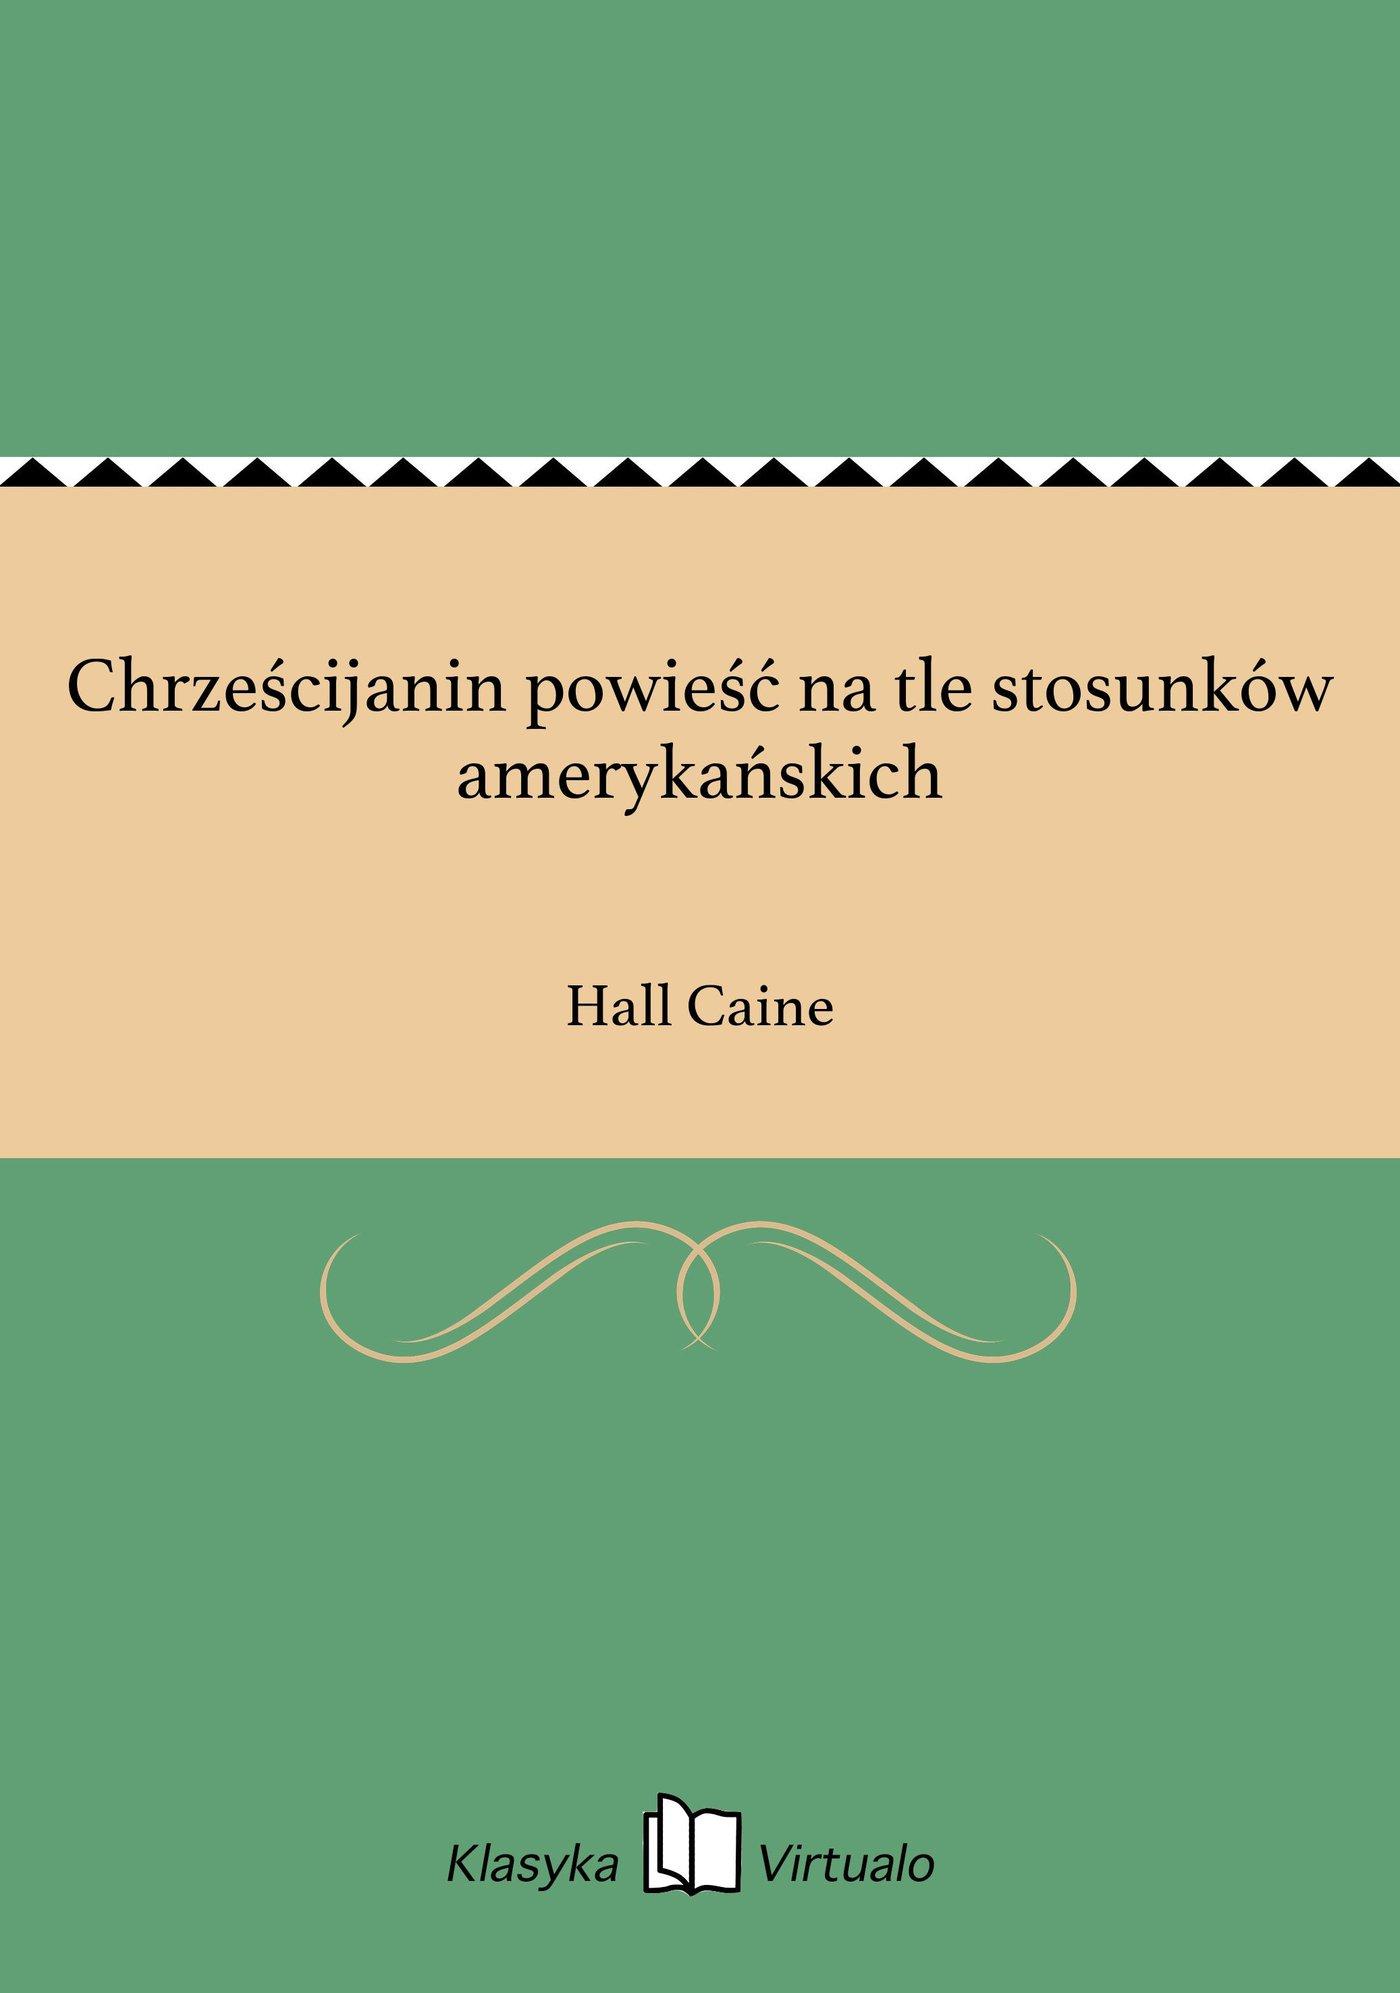 Chrześcijanin powieść na tle stosunków amerykańskich - Ebook (Książka na Kindle) do pobrania w formacie MOBI